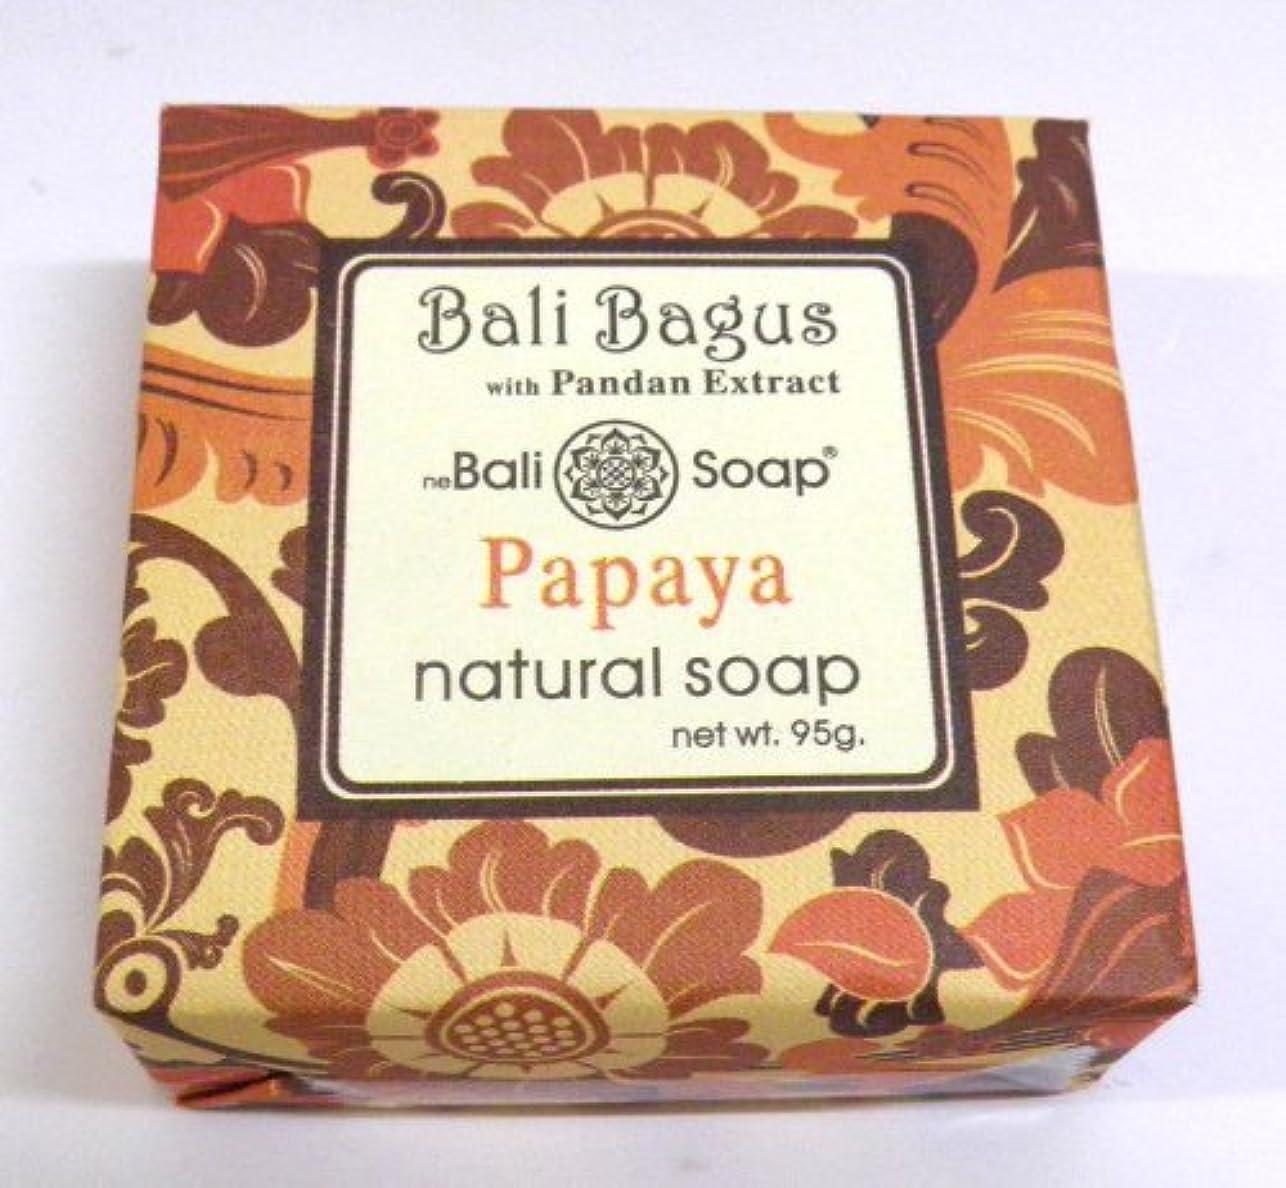 実行可能データ台風Bali Bagus バリナチュラルソープ (Papaya パパイヤ)